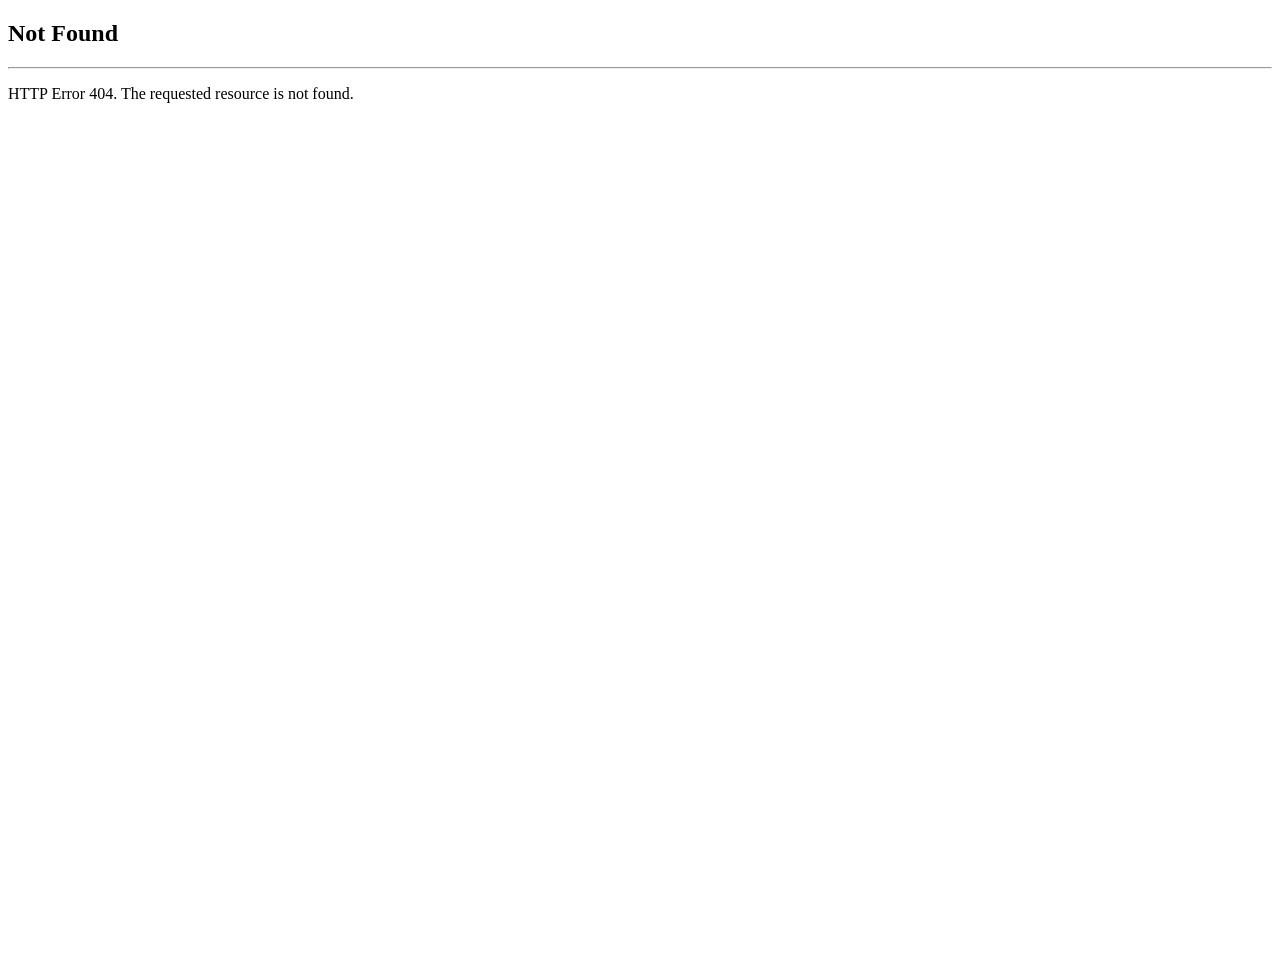 【轉知】中華民國田徑協會舉辦「109年全國田徑錦標賽暨排名賽」